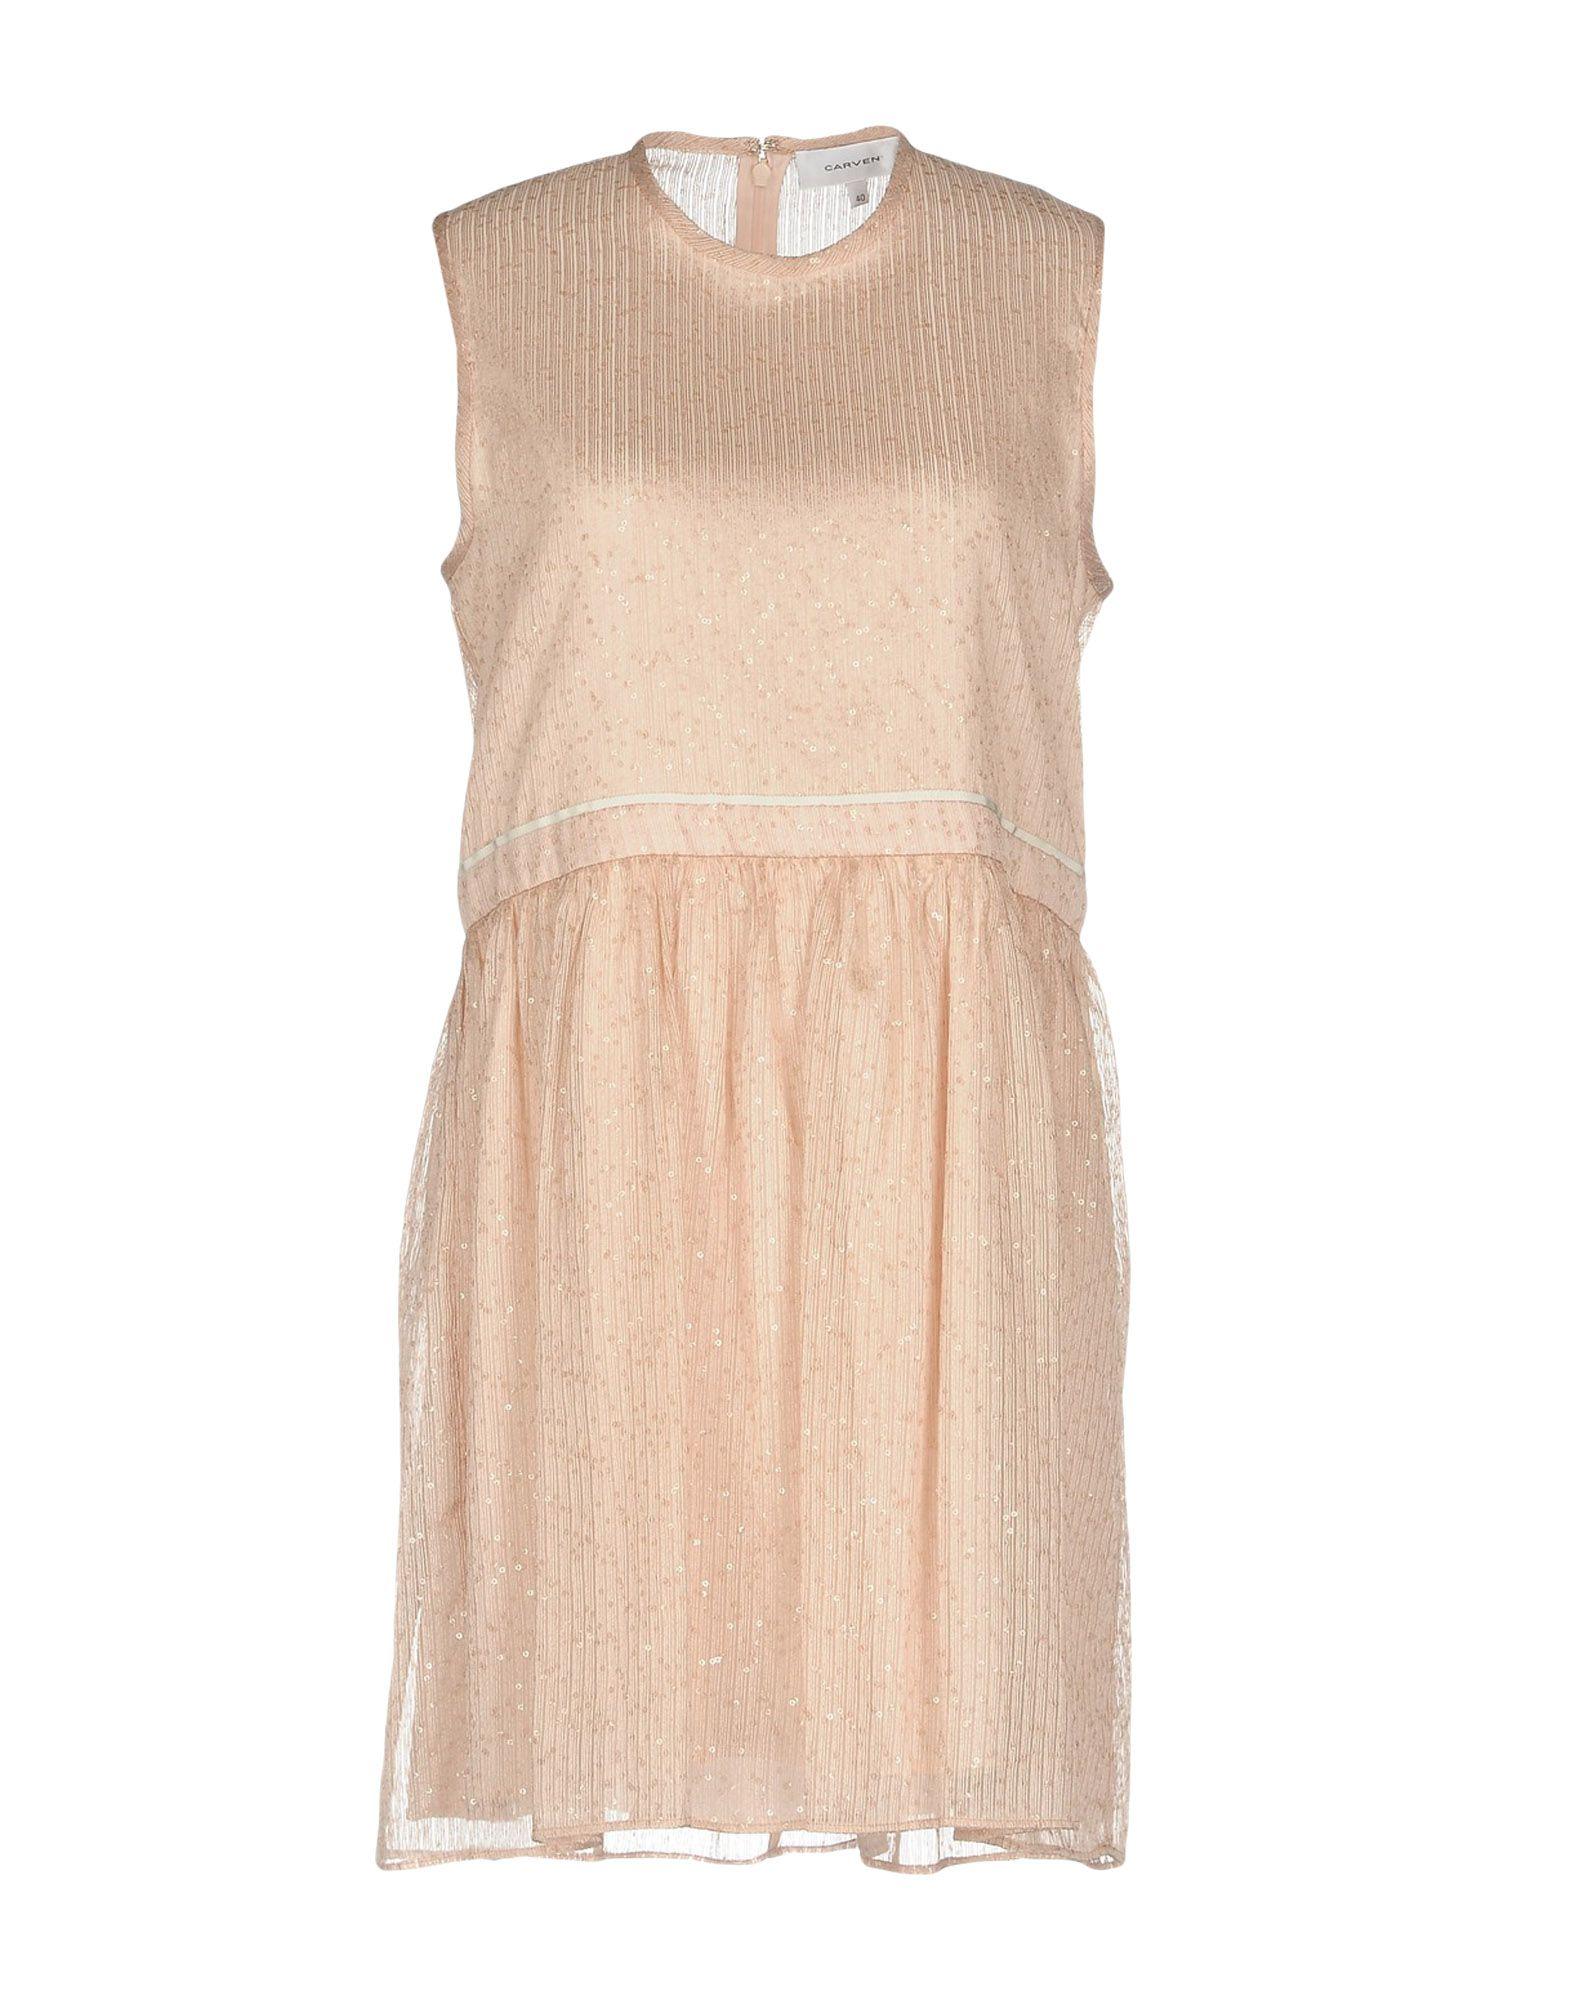 CARVEN Короткое платье lovaru ™новый 2015 мода новые печатные органза сладкий простой талии платье женщина casual платье